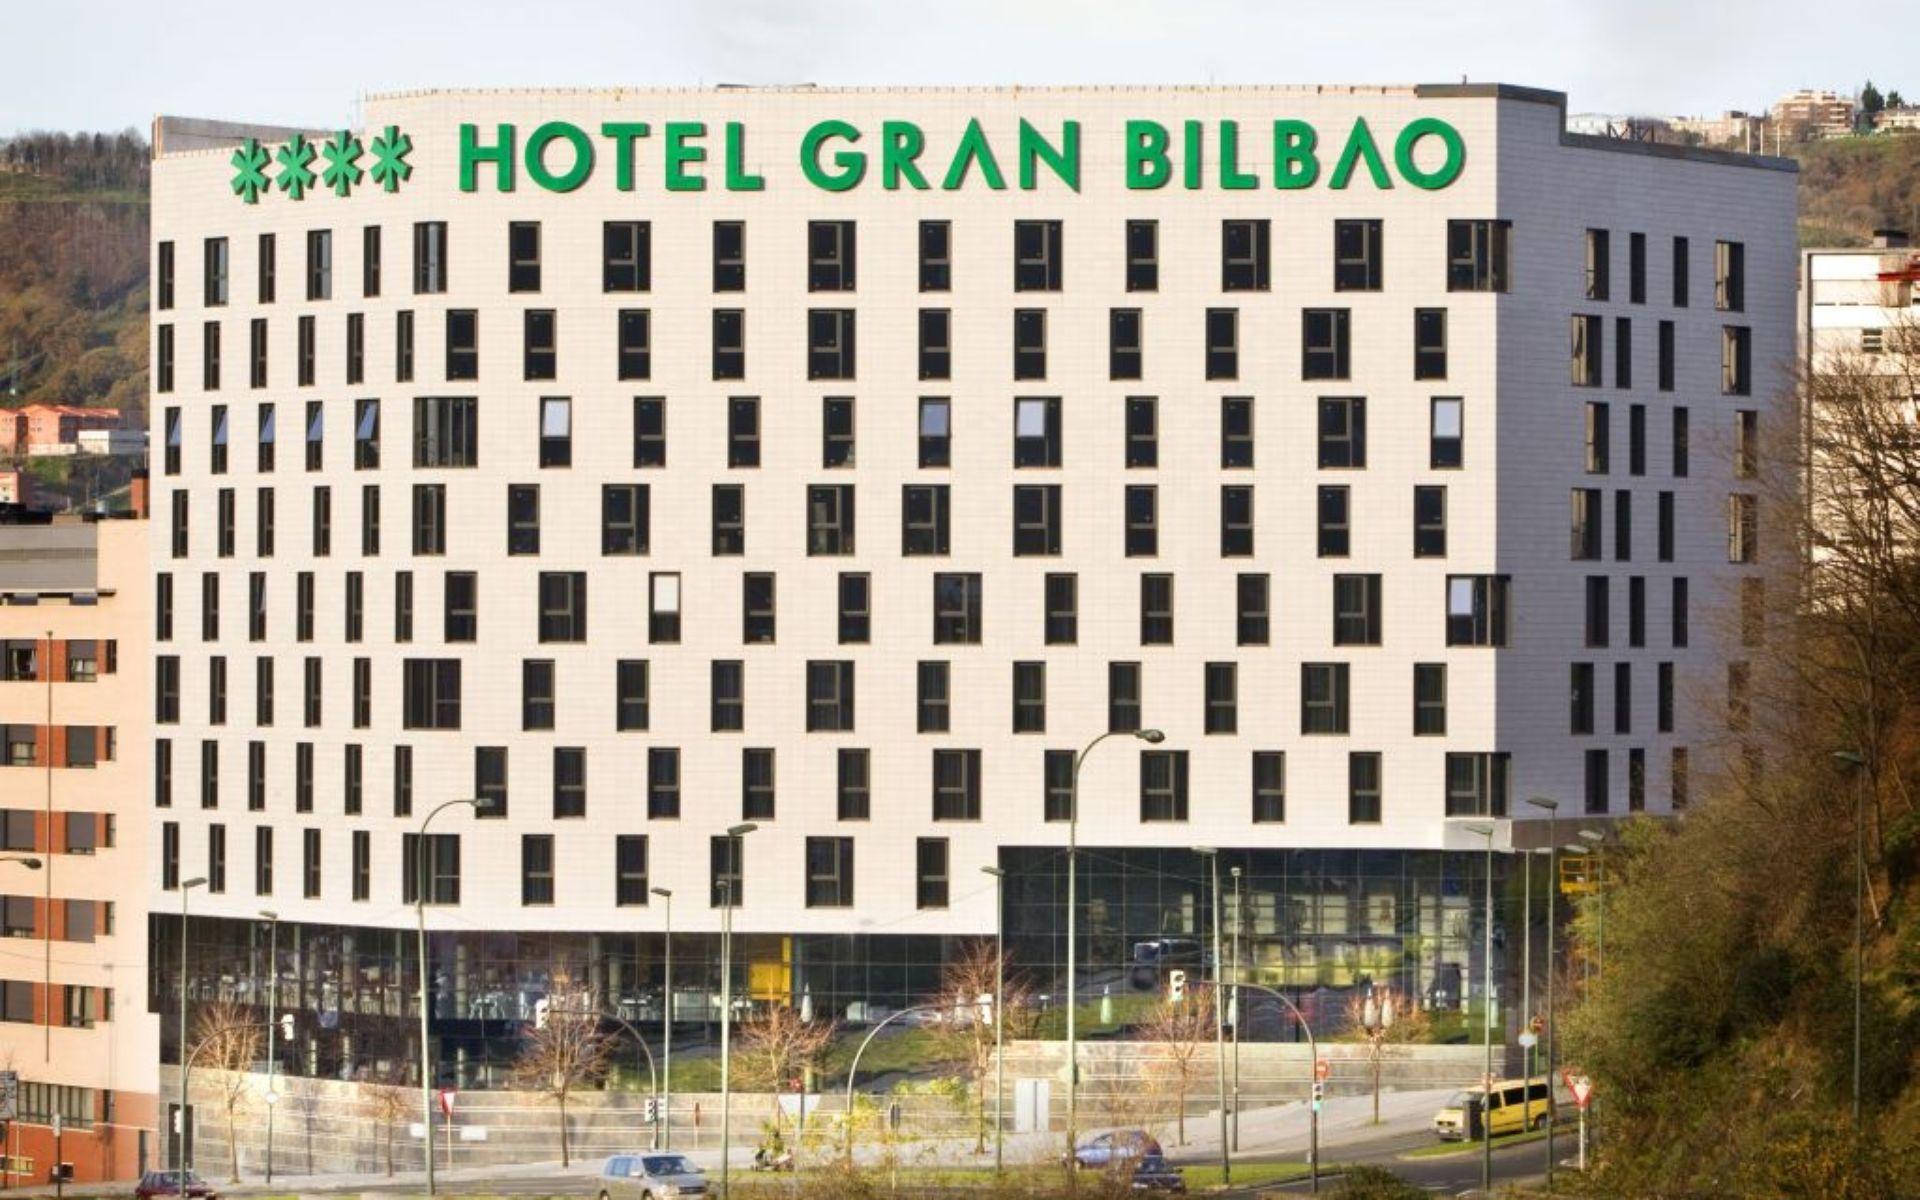 Один из лучших отелей в Бильбао Sercotel Hotel Gran Bilbao